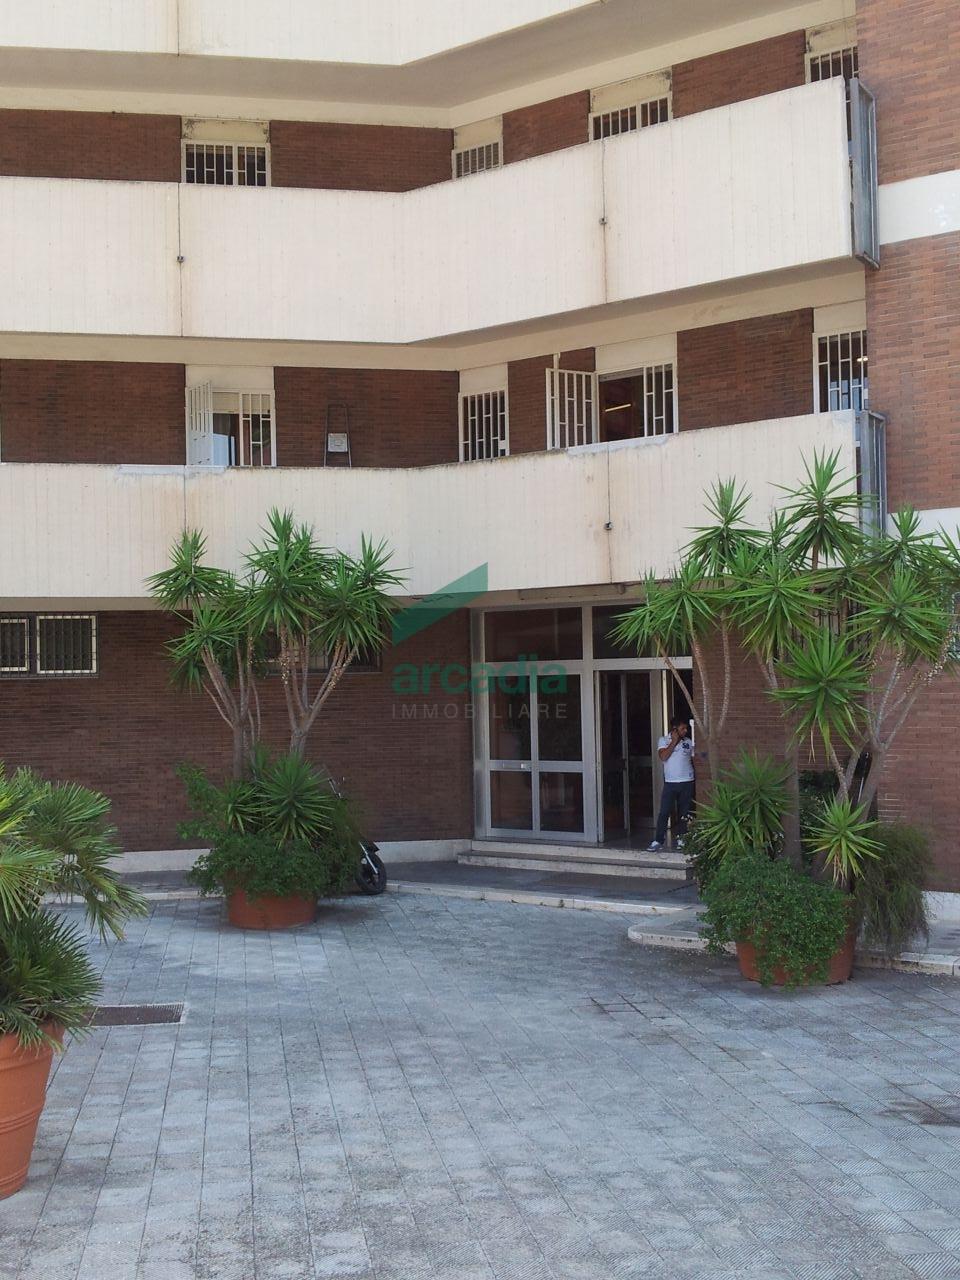 Ufficio - oltre pentalocale a San Pasquale, Bari Rif. 10491872